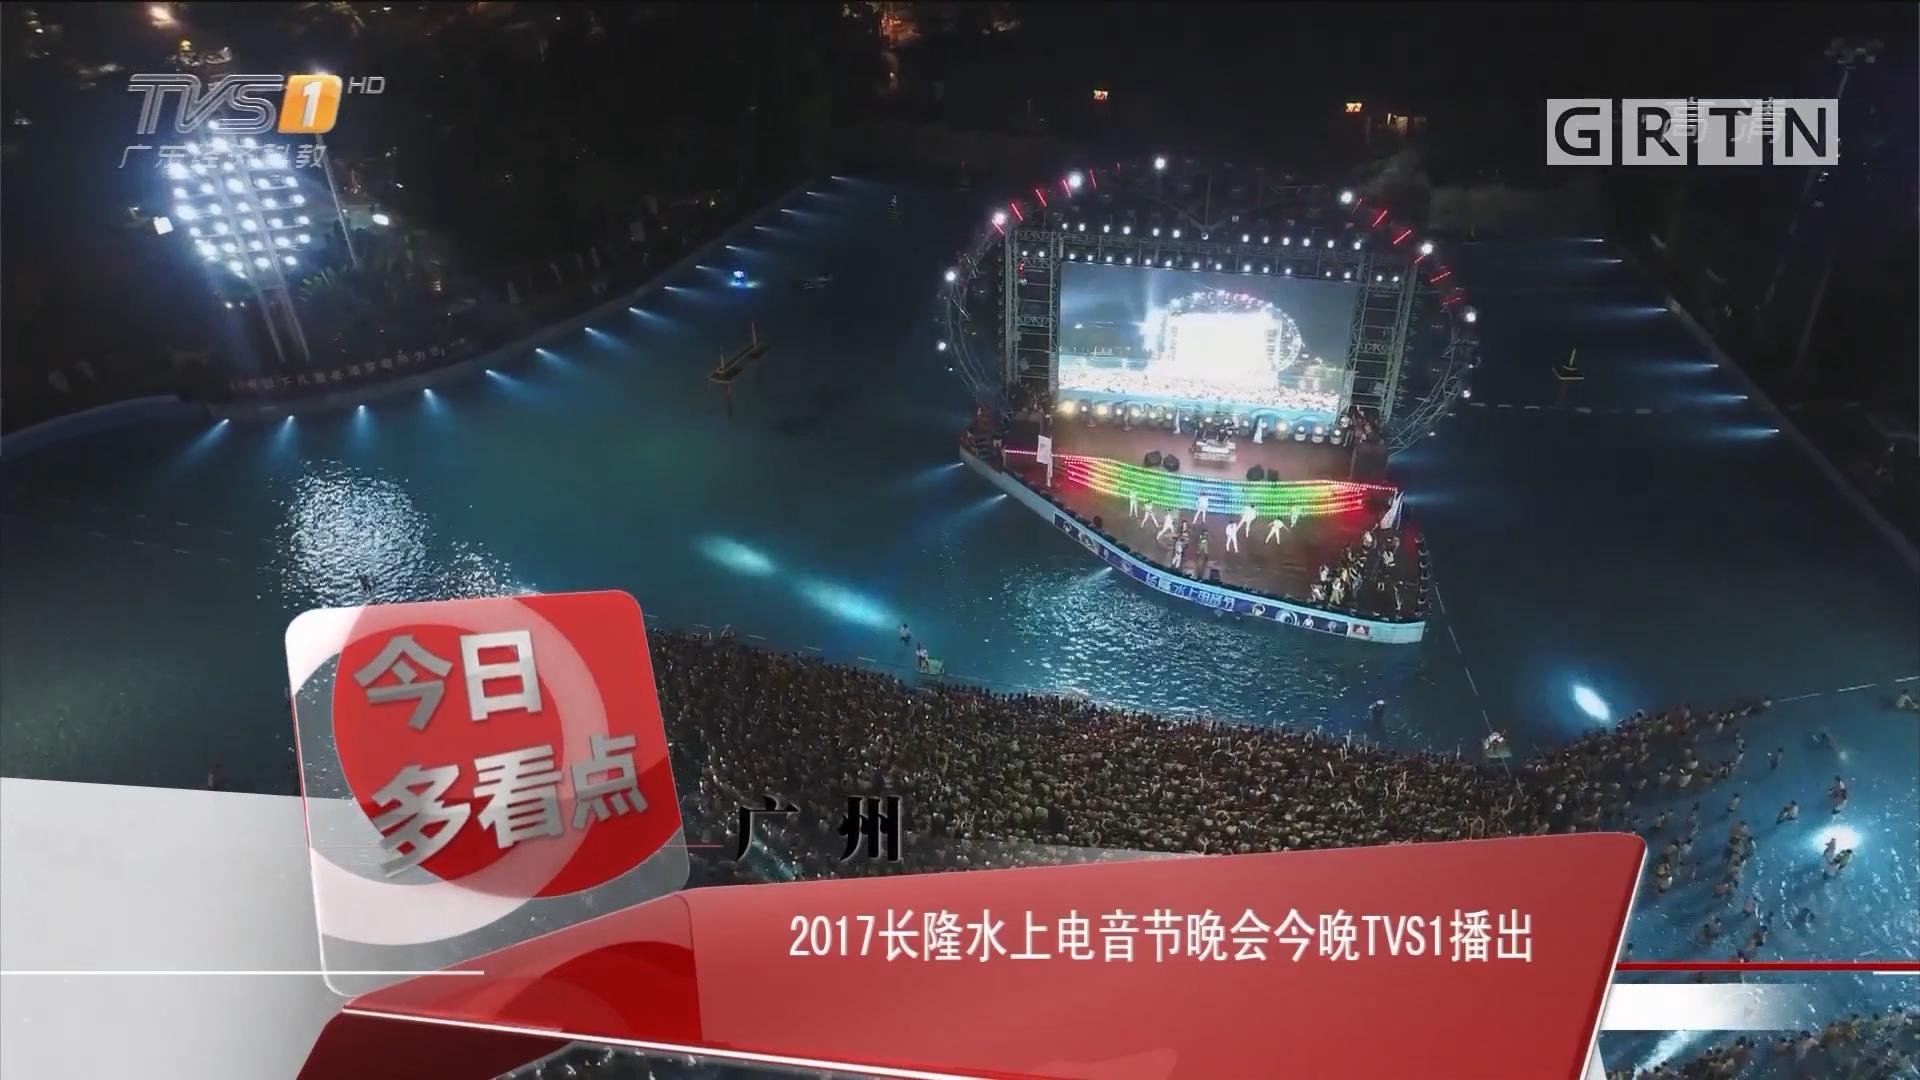 广州:2017长隆水上电音节晚会今晚TVS1播出